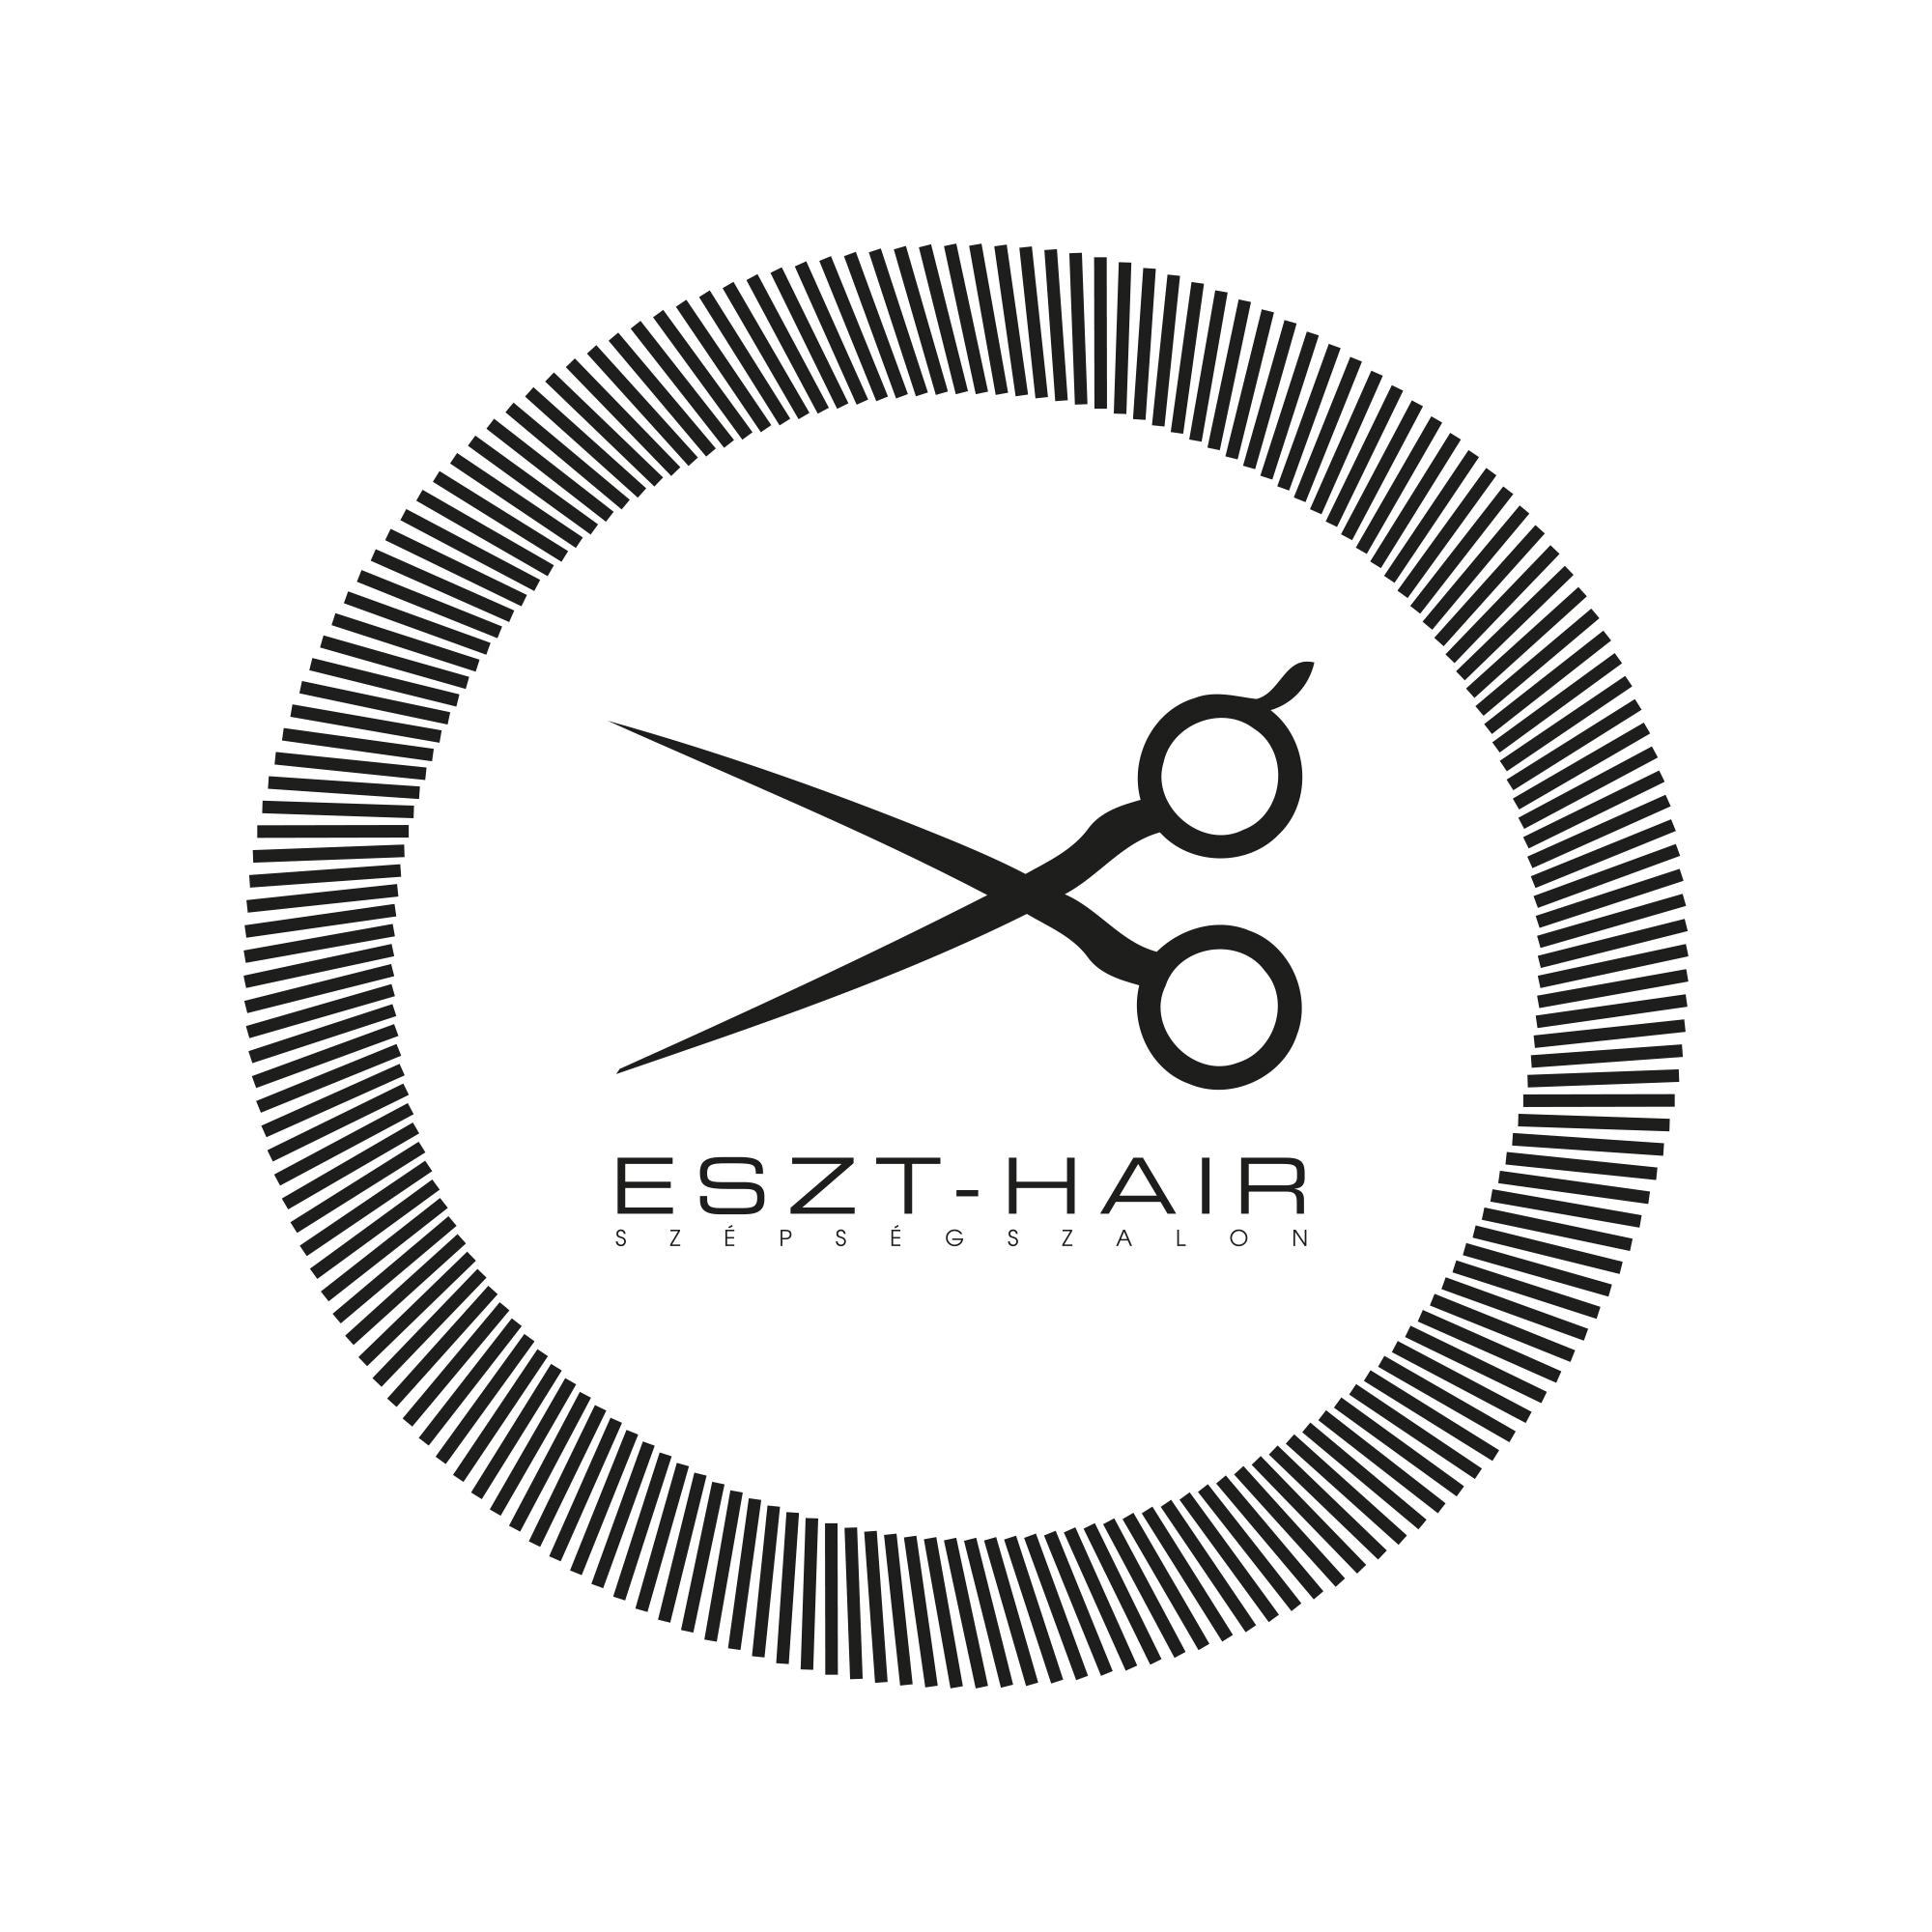 eszthair